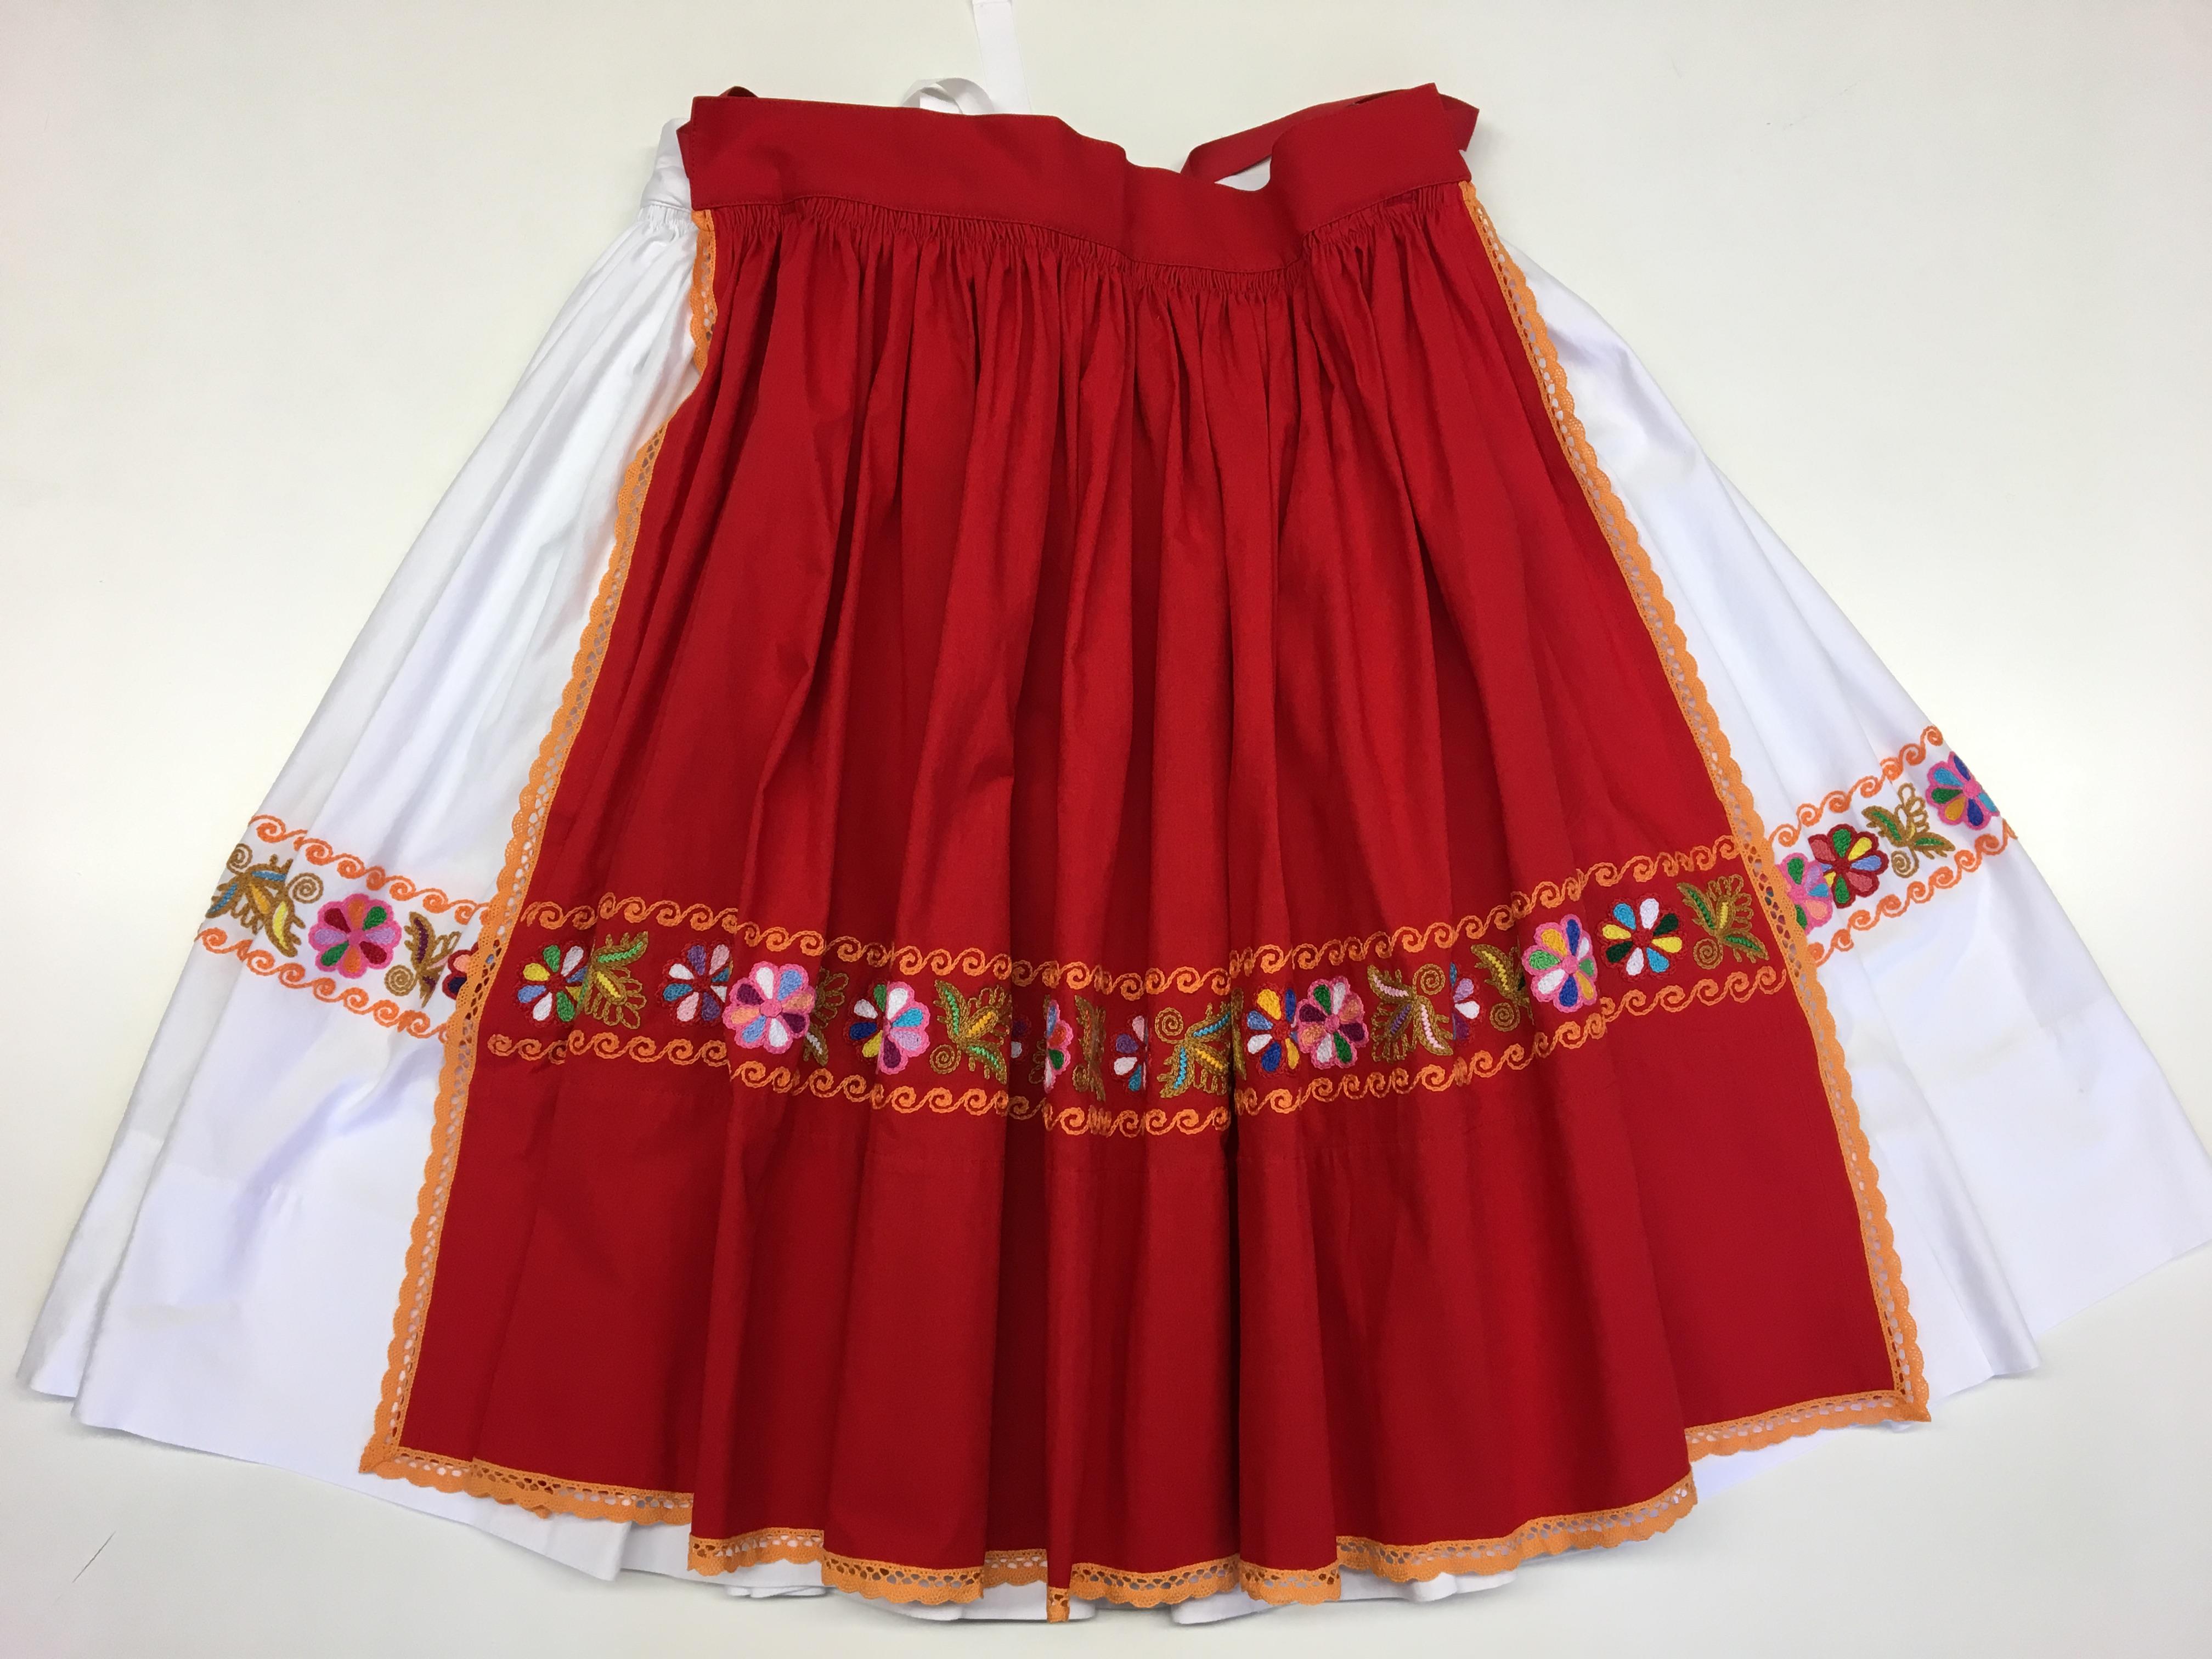 b85e96973bfc 06 Ručne vyšívaná biela sukňa s červenou ručne vyšívanou zásterkou ...